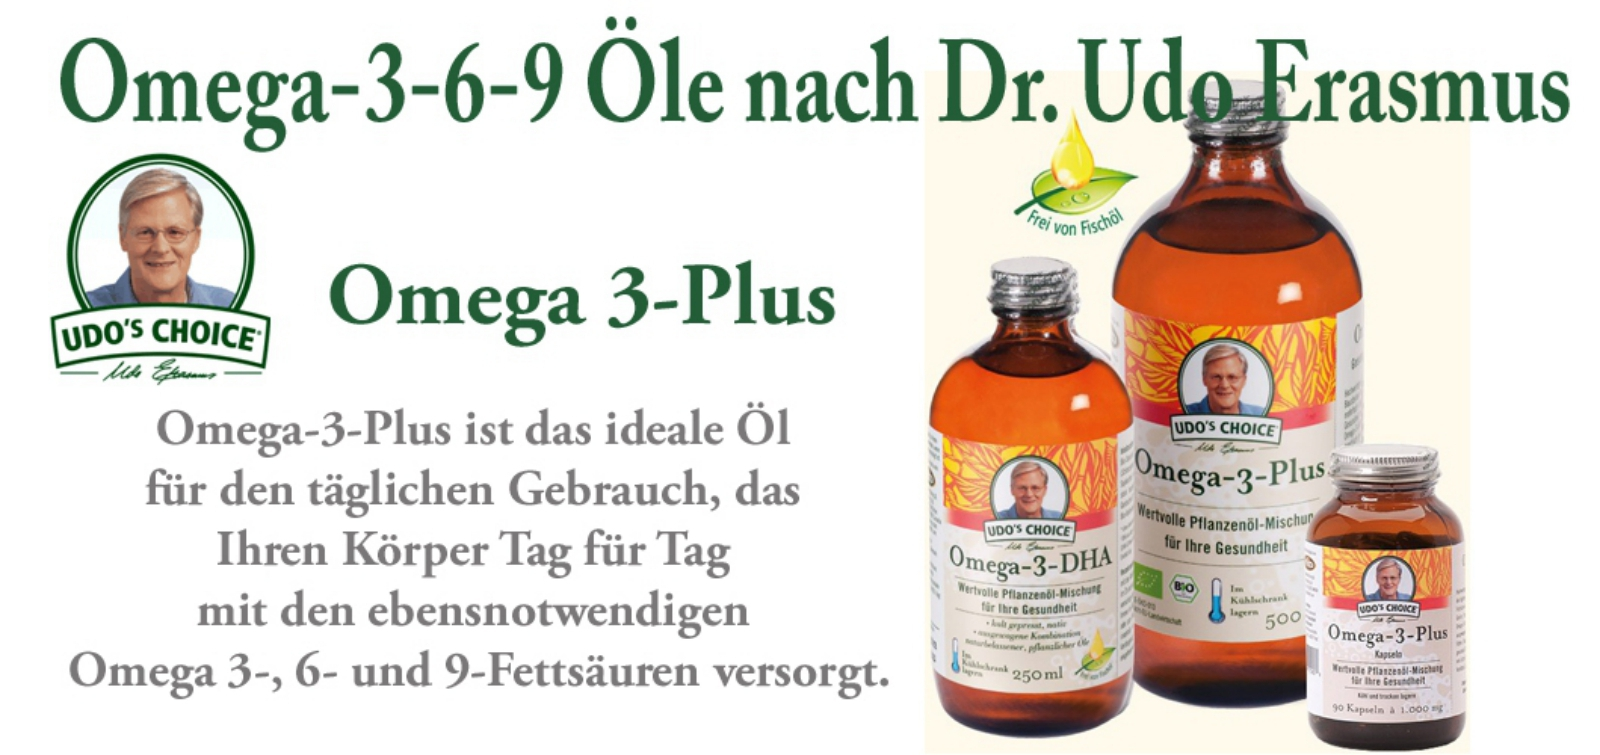 Omega-3-Plus Ölmischung von Dr. Udo Erasmus